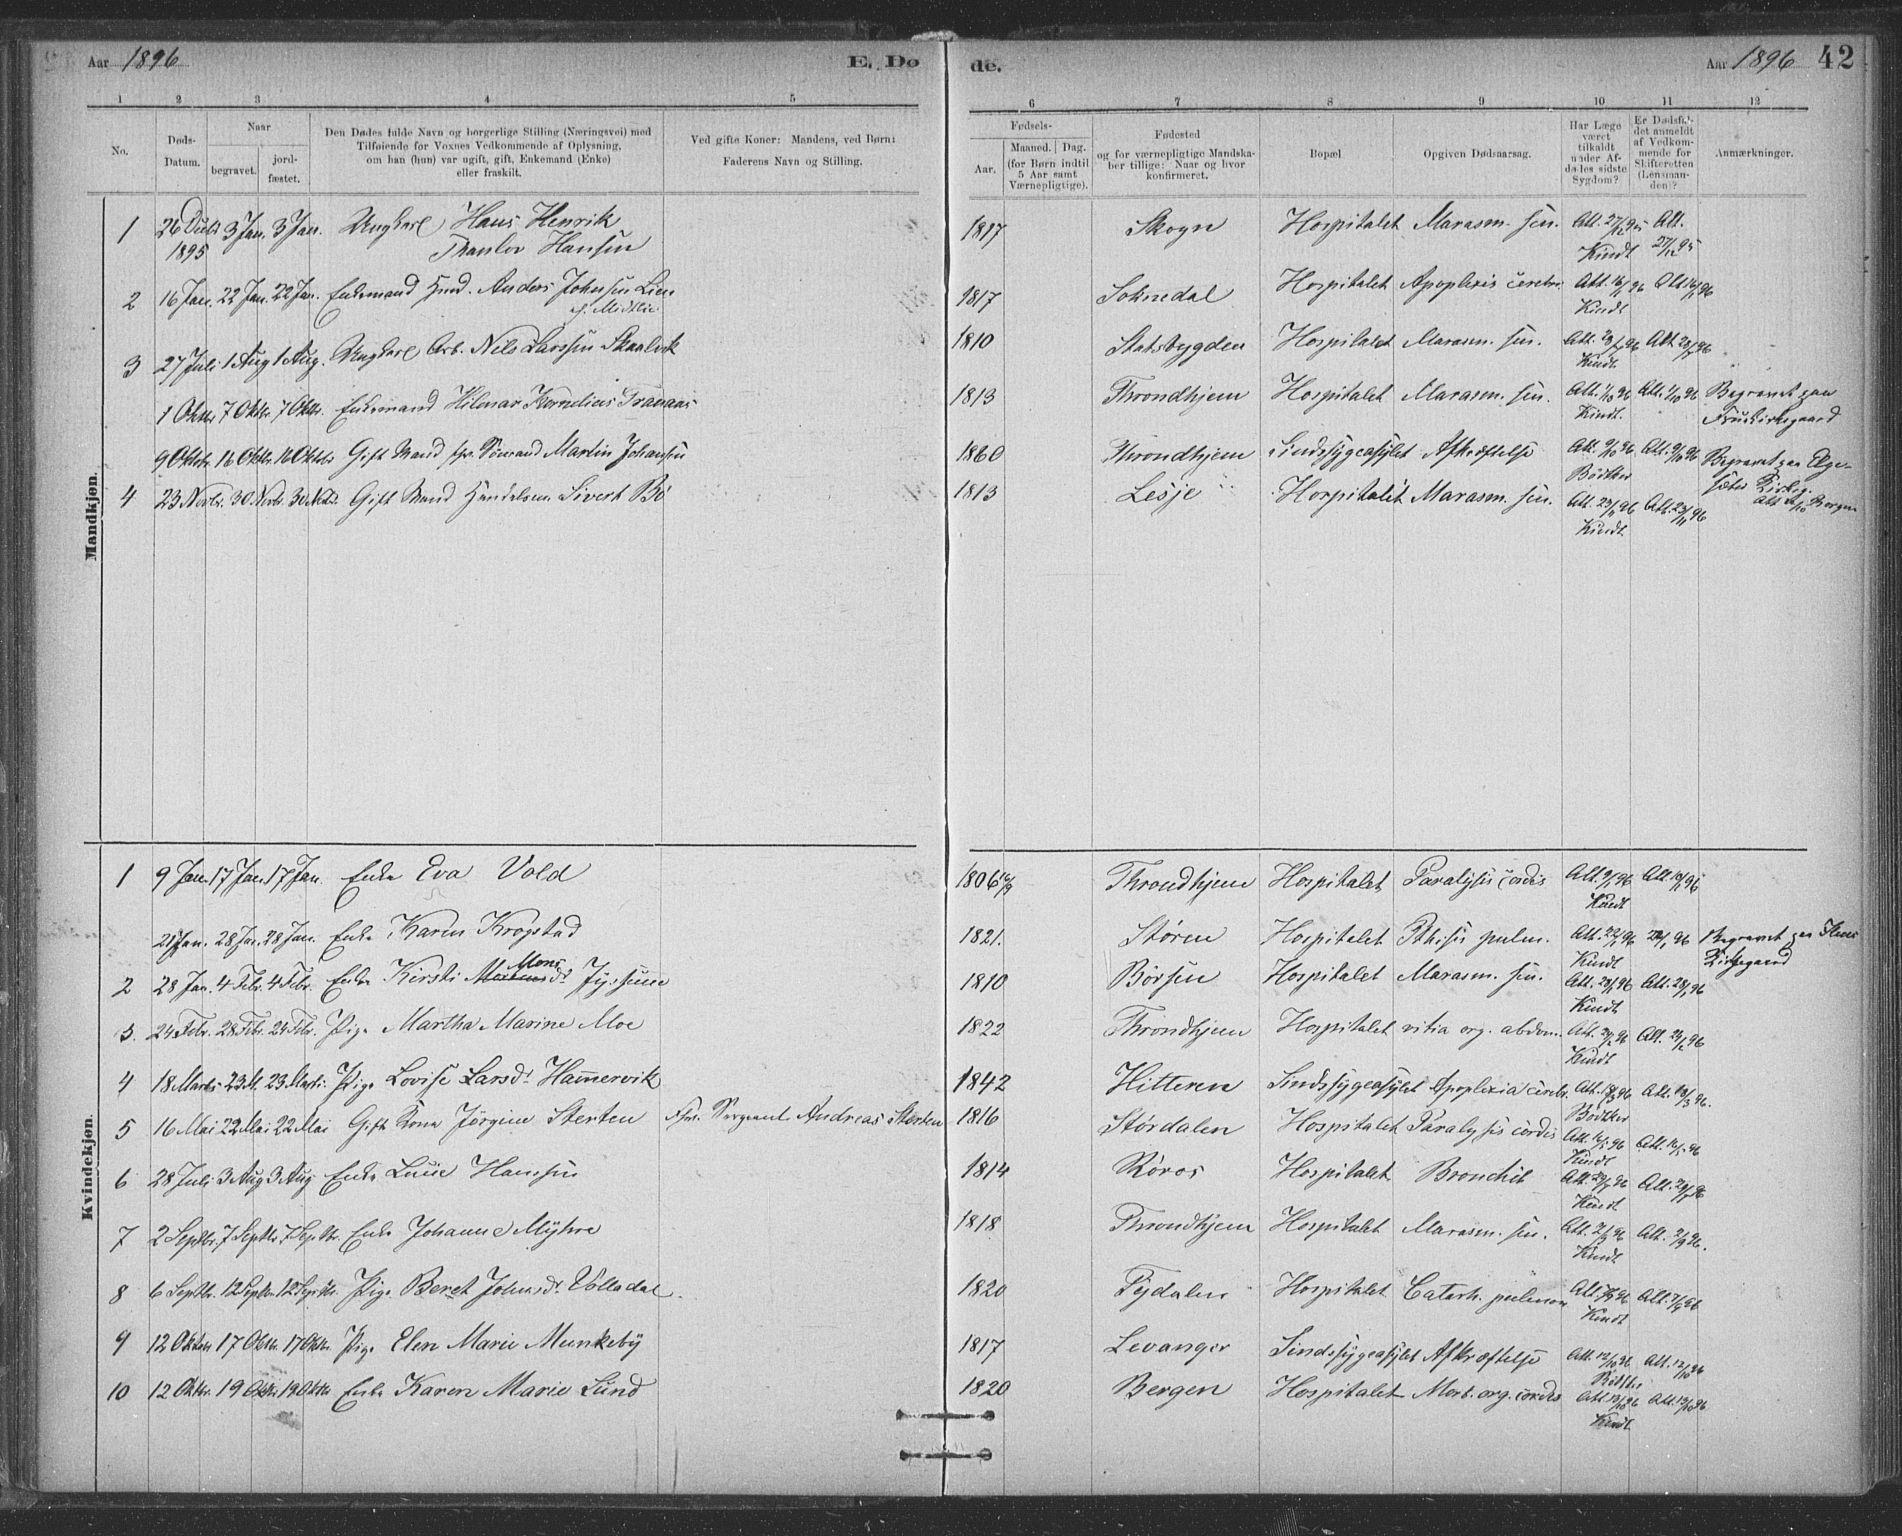 SAT, Ministerialprotokoller, klokkerbøker og fødselsregistre - Sør-Trøndelag, 623/L0470: Ministerialbok nr. 623A04, 1884-1938, s. 42